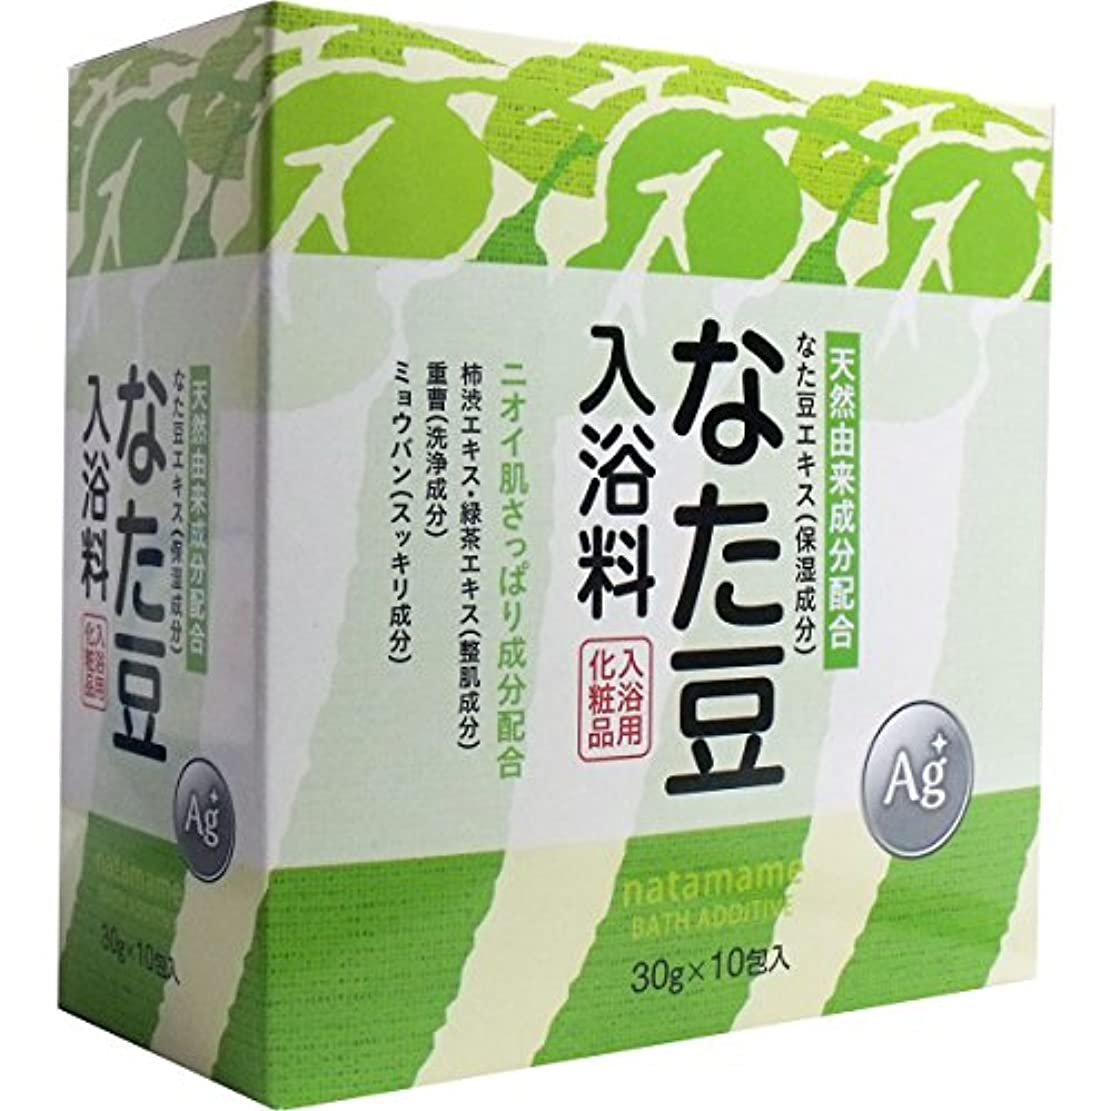 チャーミング軸埋めるなた豆入浴料 入浴用化粧品 30g×10包入×4